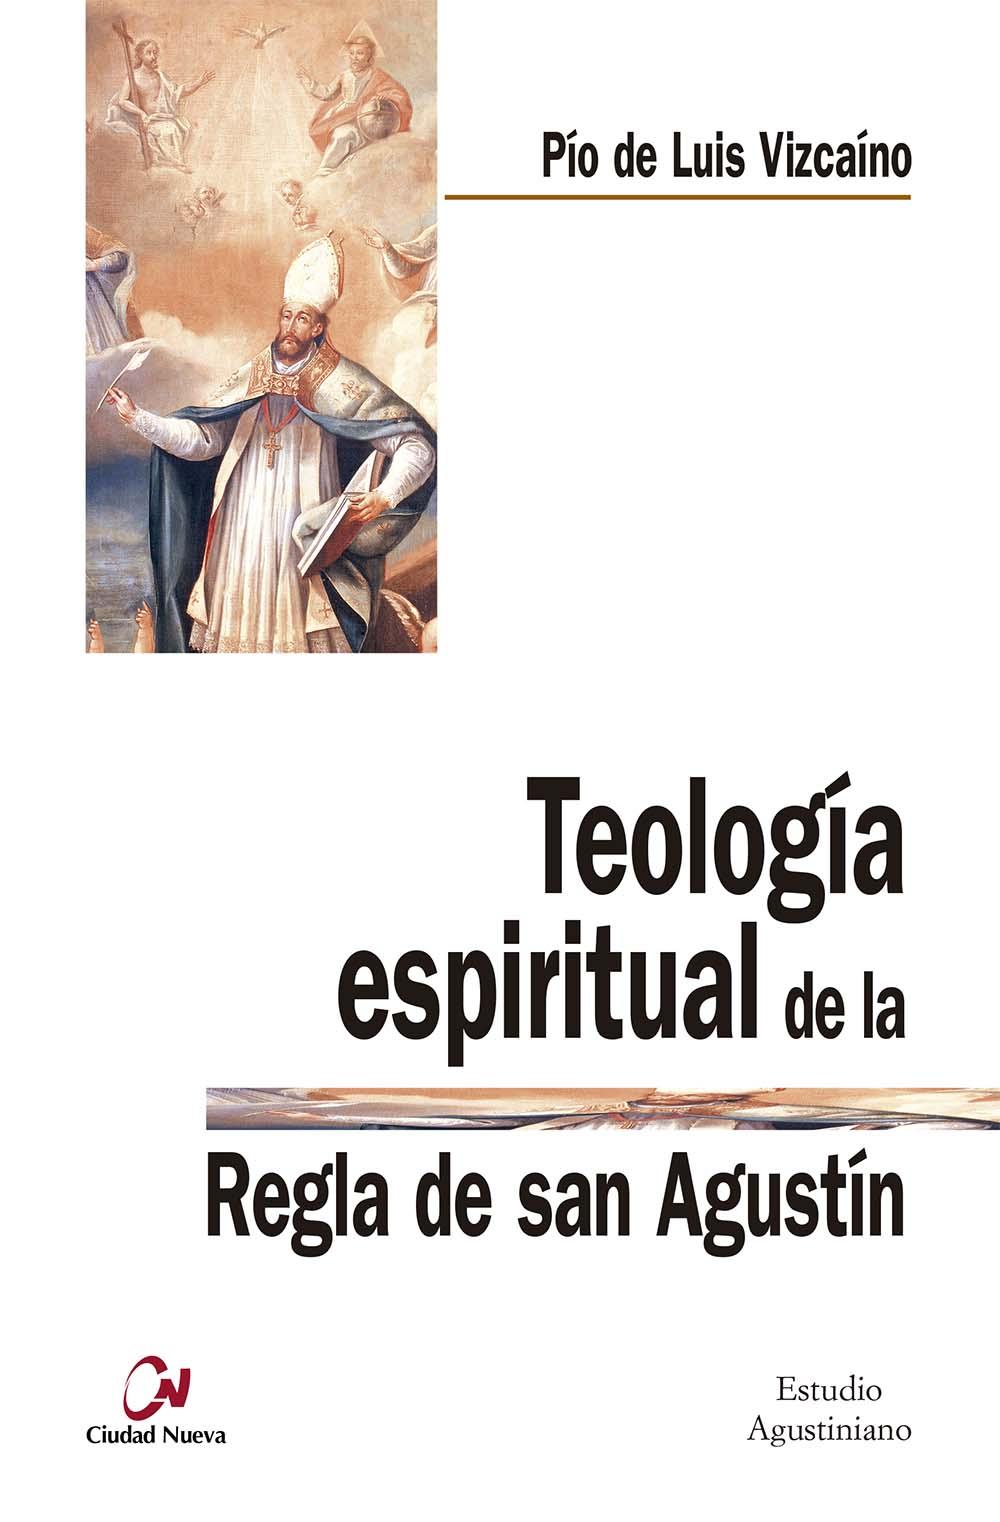 teologia-espiritual-de-la-regla-de-san-agustin